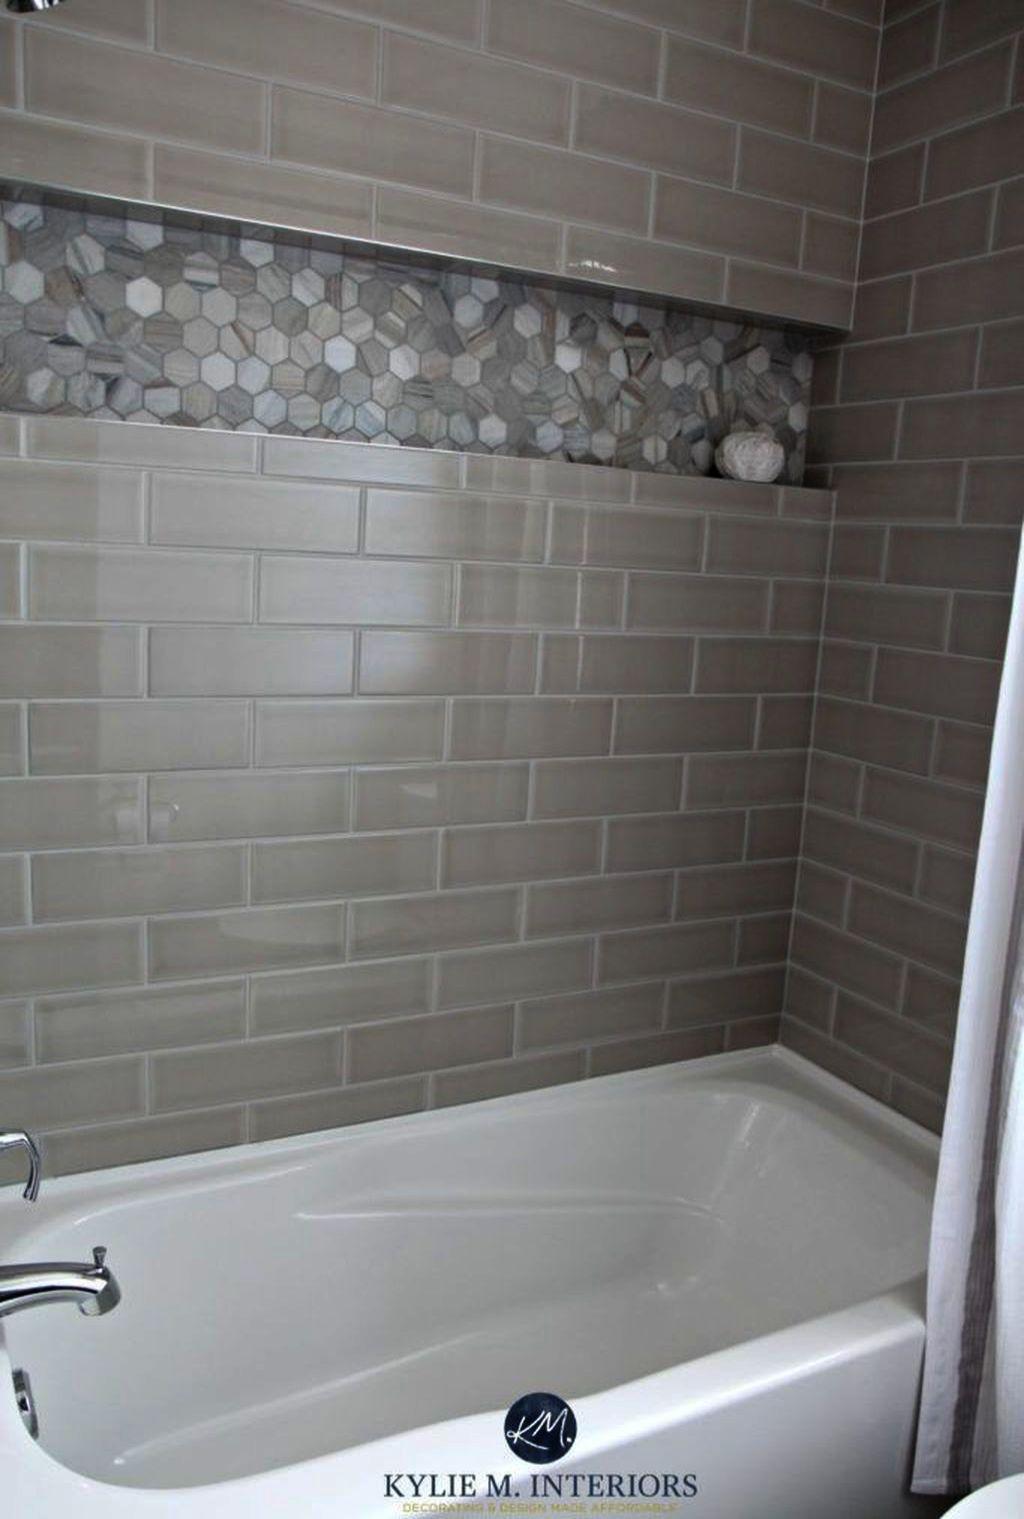 Bathroom Remodel App Via Bathroom Tile Nashville Bathroom Remodel Small Over Bathroom Small Bathroom Remodel Top Bathroom Design Small Bathroom Remodel Cost